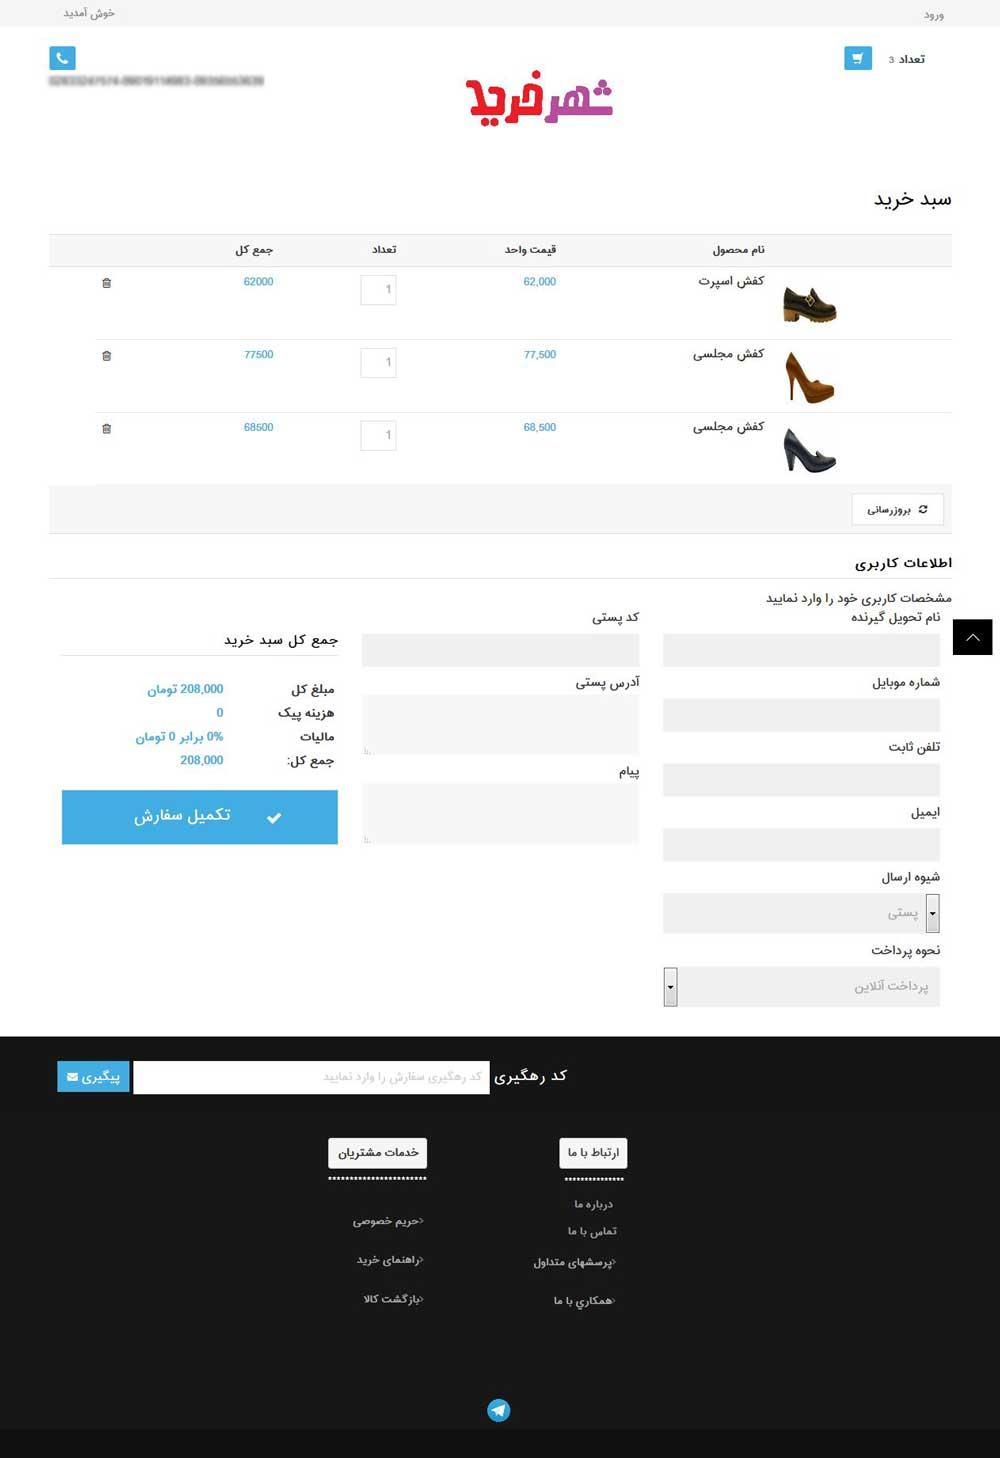 ساخت اپلیکیشن و وب سایت فروشگاه اینترنتی پوشاک و کفش 1